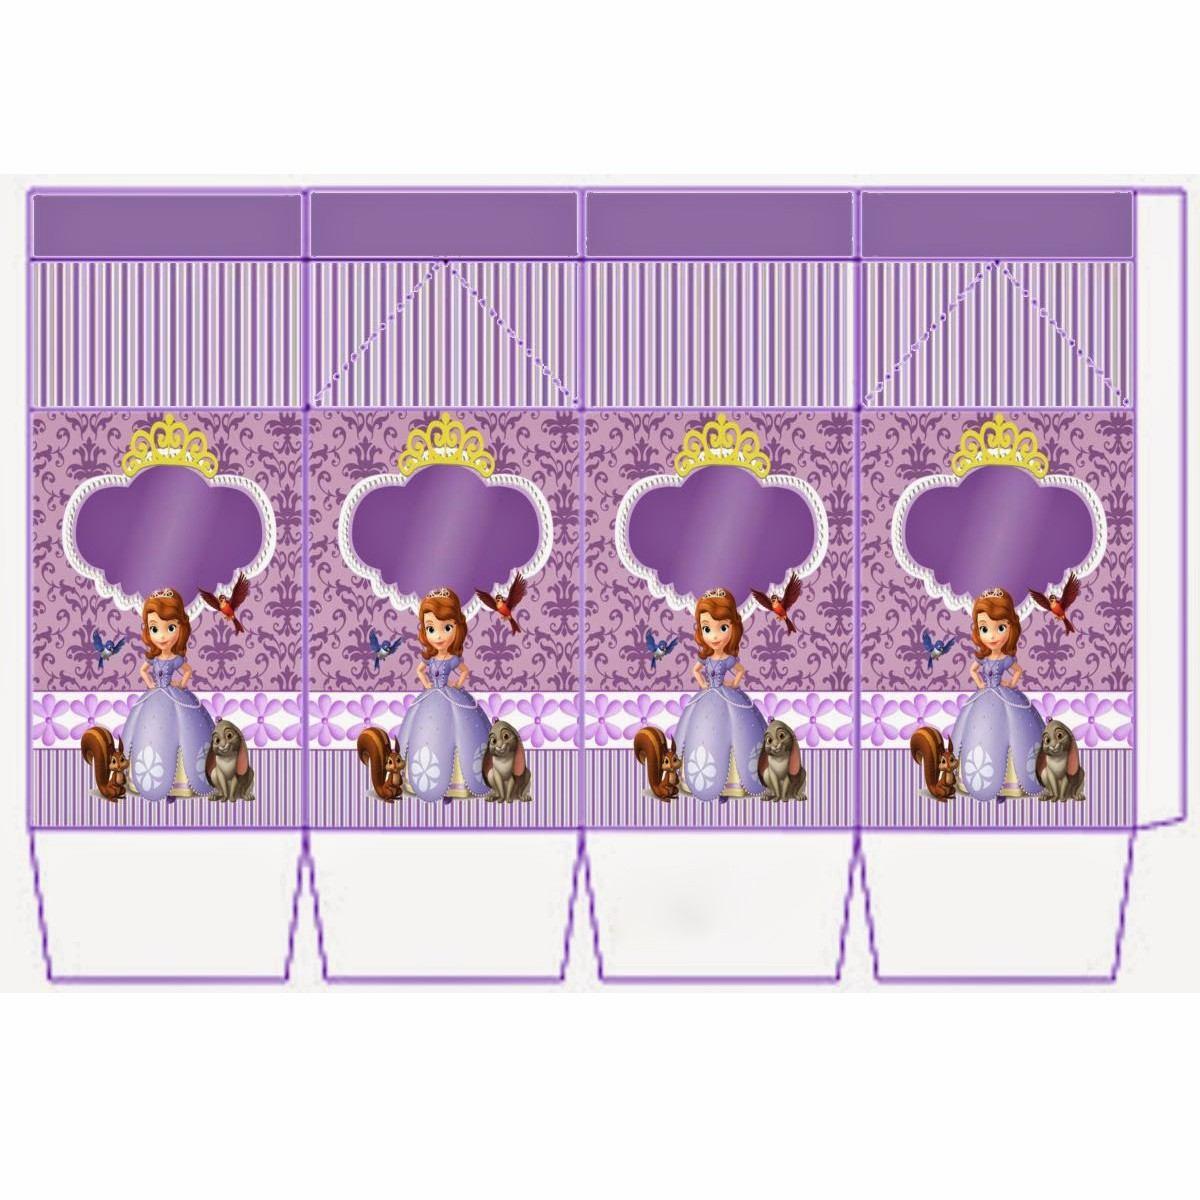 Artesanato em caixas de mdf e sua logisitica integrada 6